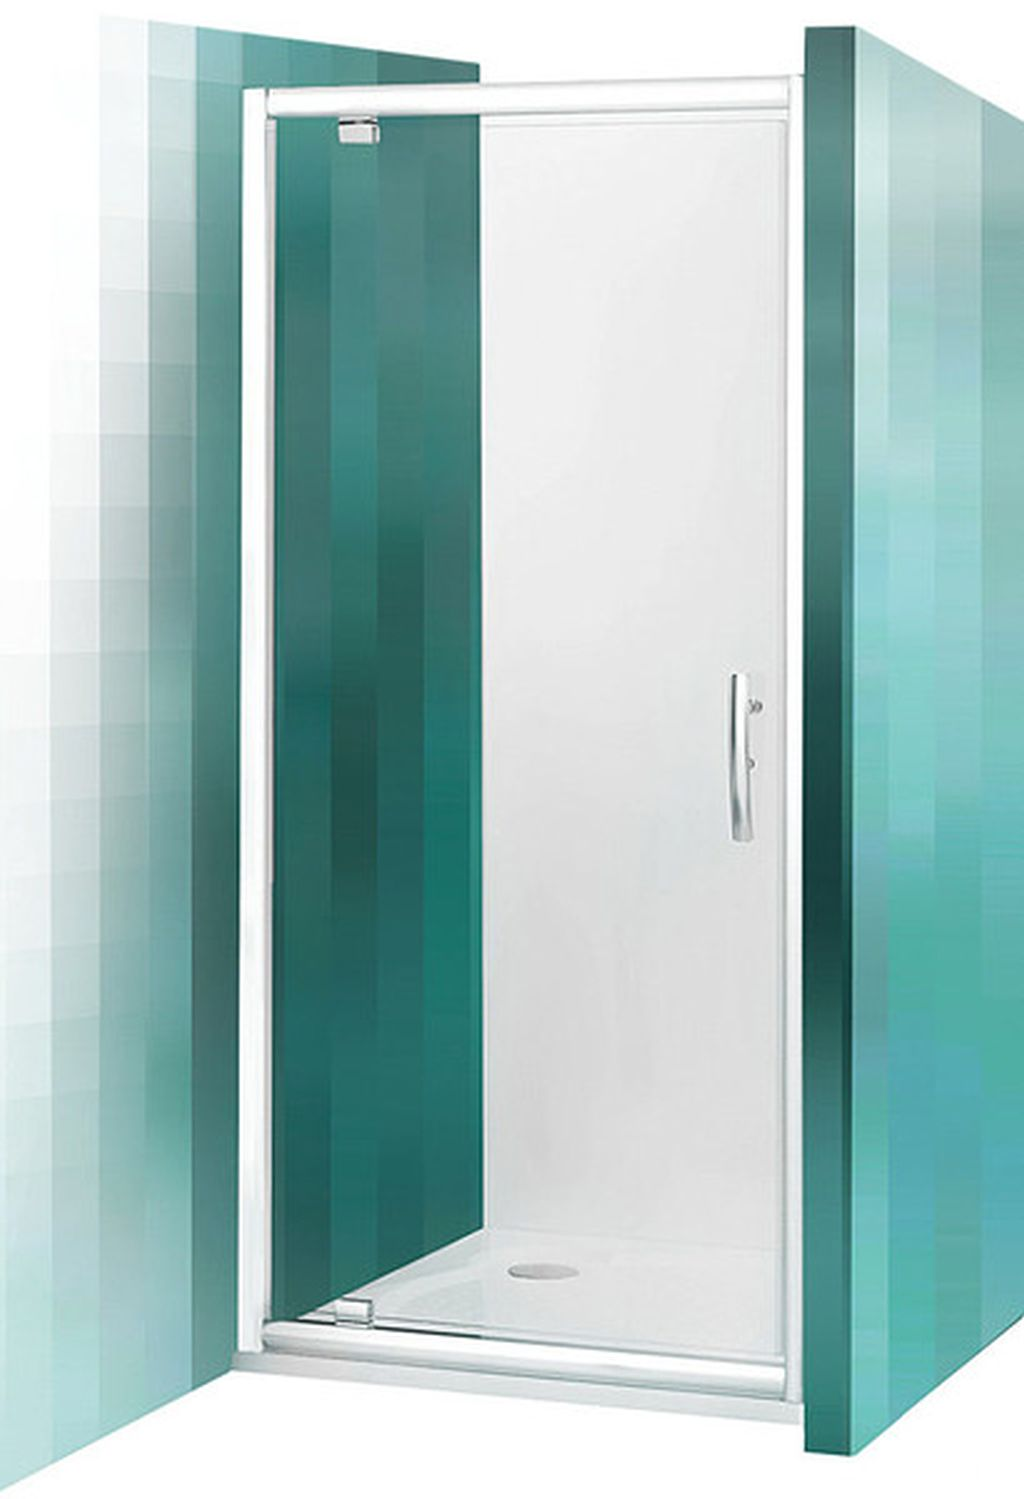 ROLTECHNIK Sprchové dveře jednokřídlé PXDO1N/1000 brillant/transparent 525-1000000-00-02